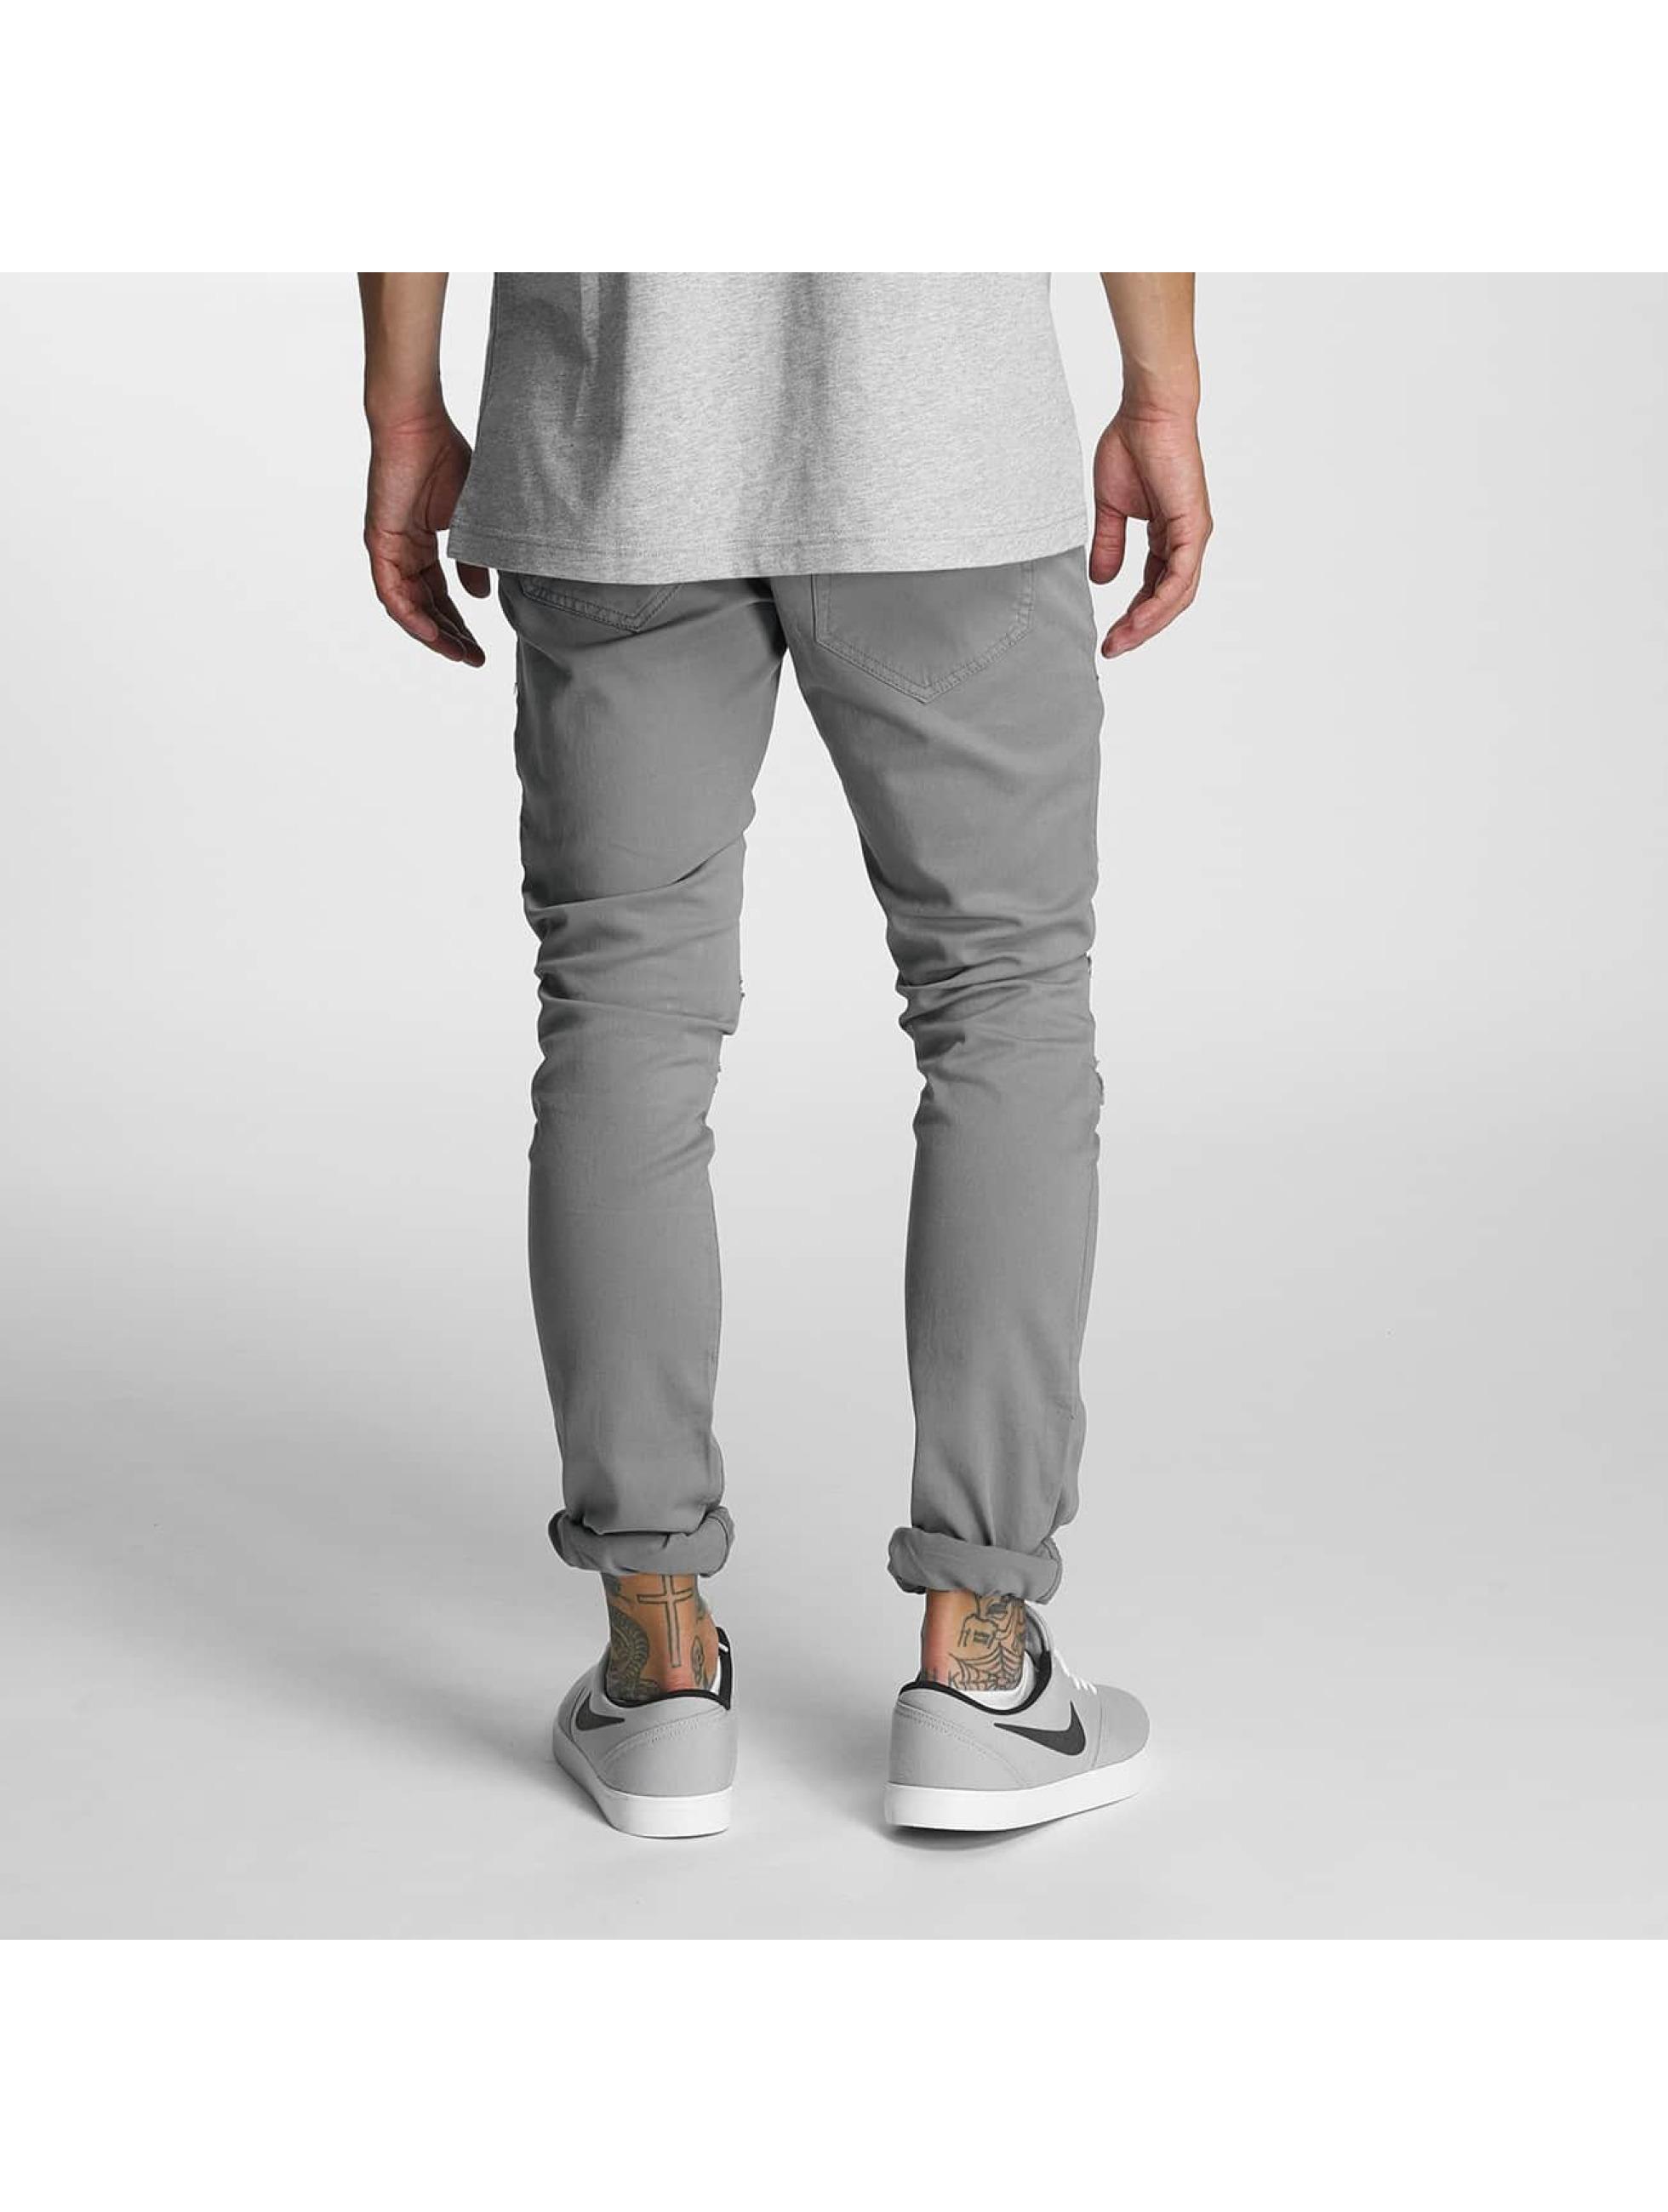 2Y Облегающие джинсы Tiron серый